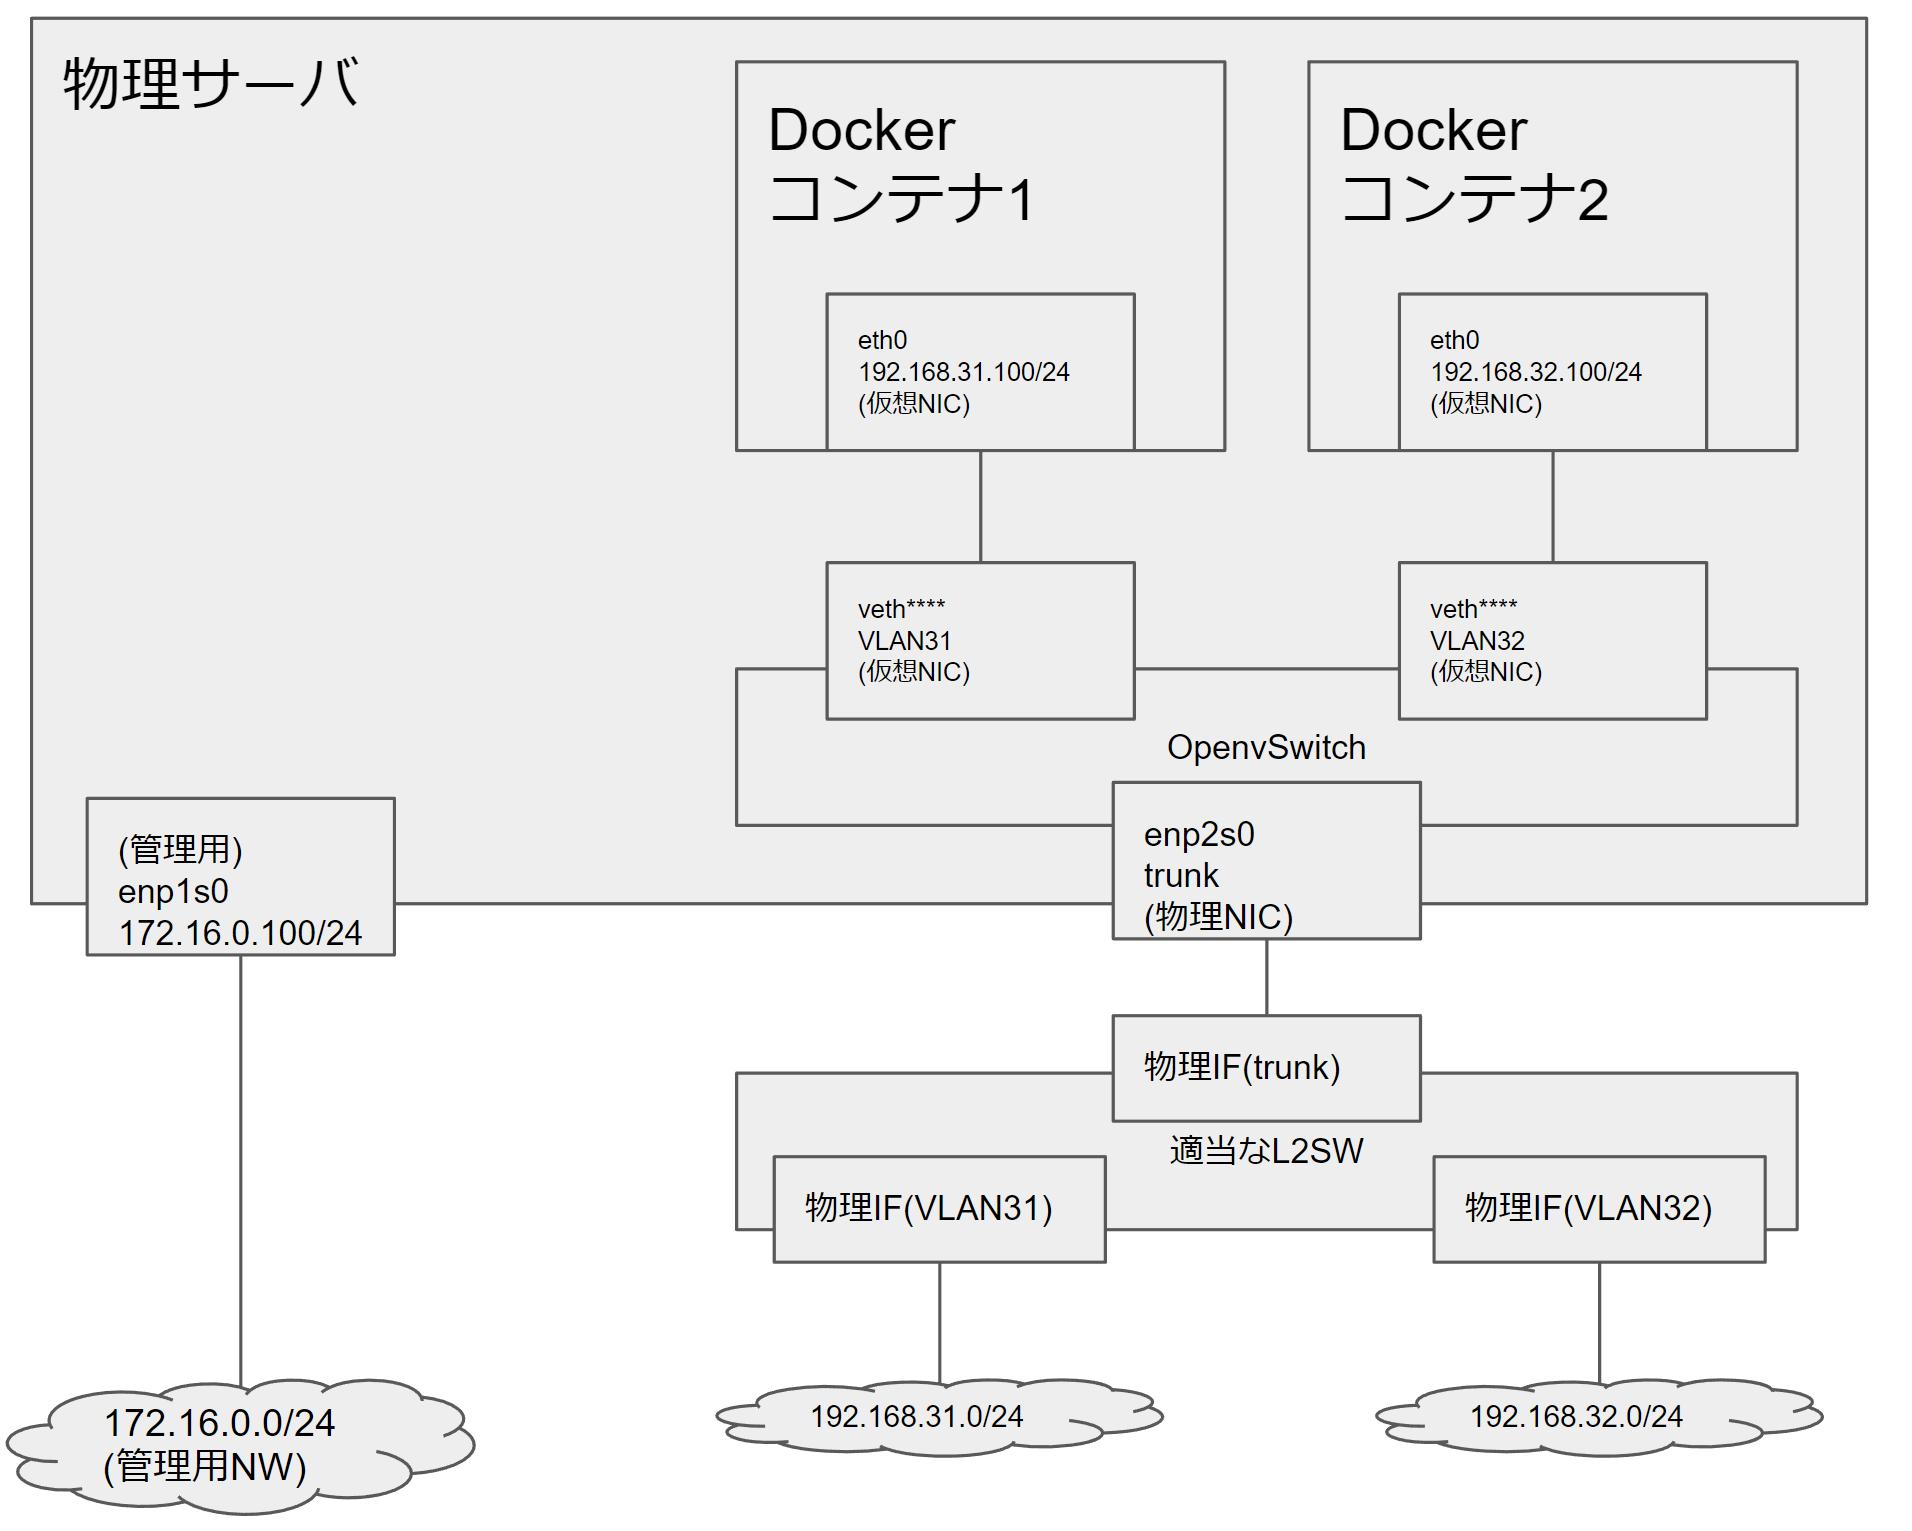 物理のトランクリンクをOpenvSwitchで受けて各Dockerコンテナに